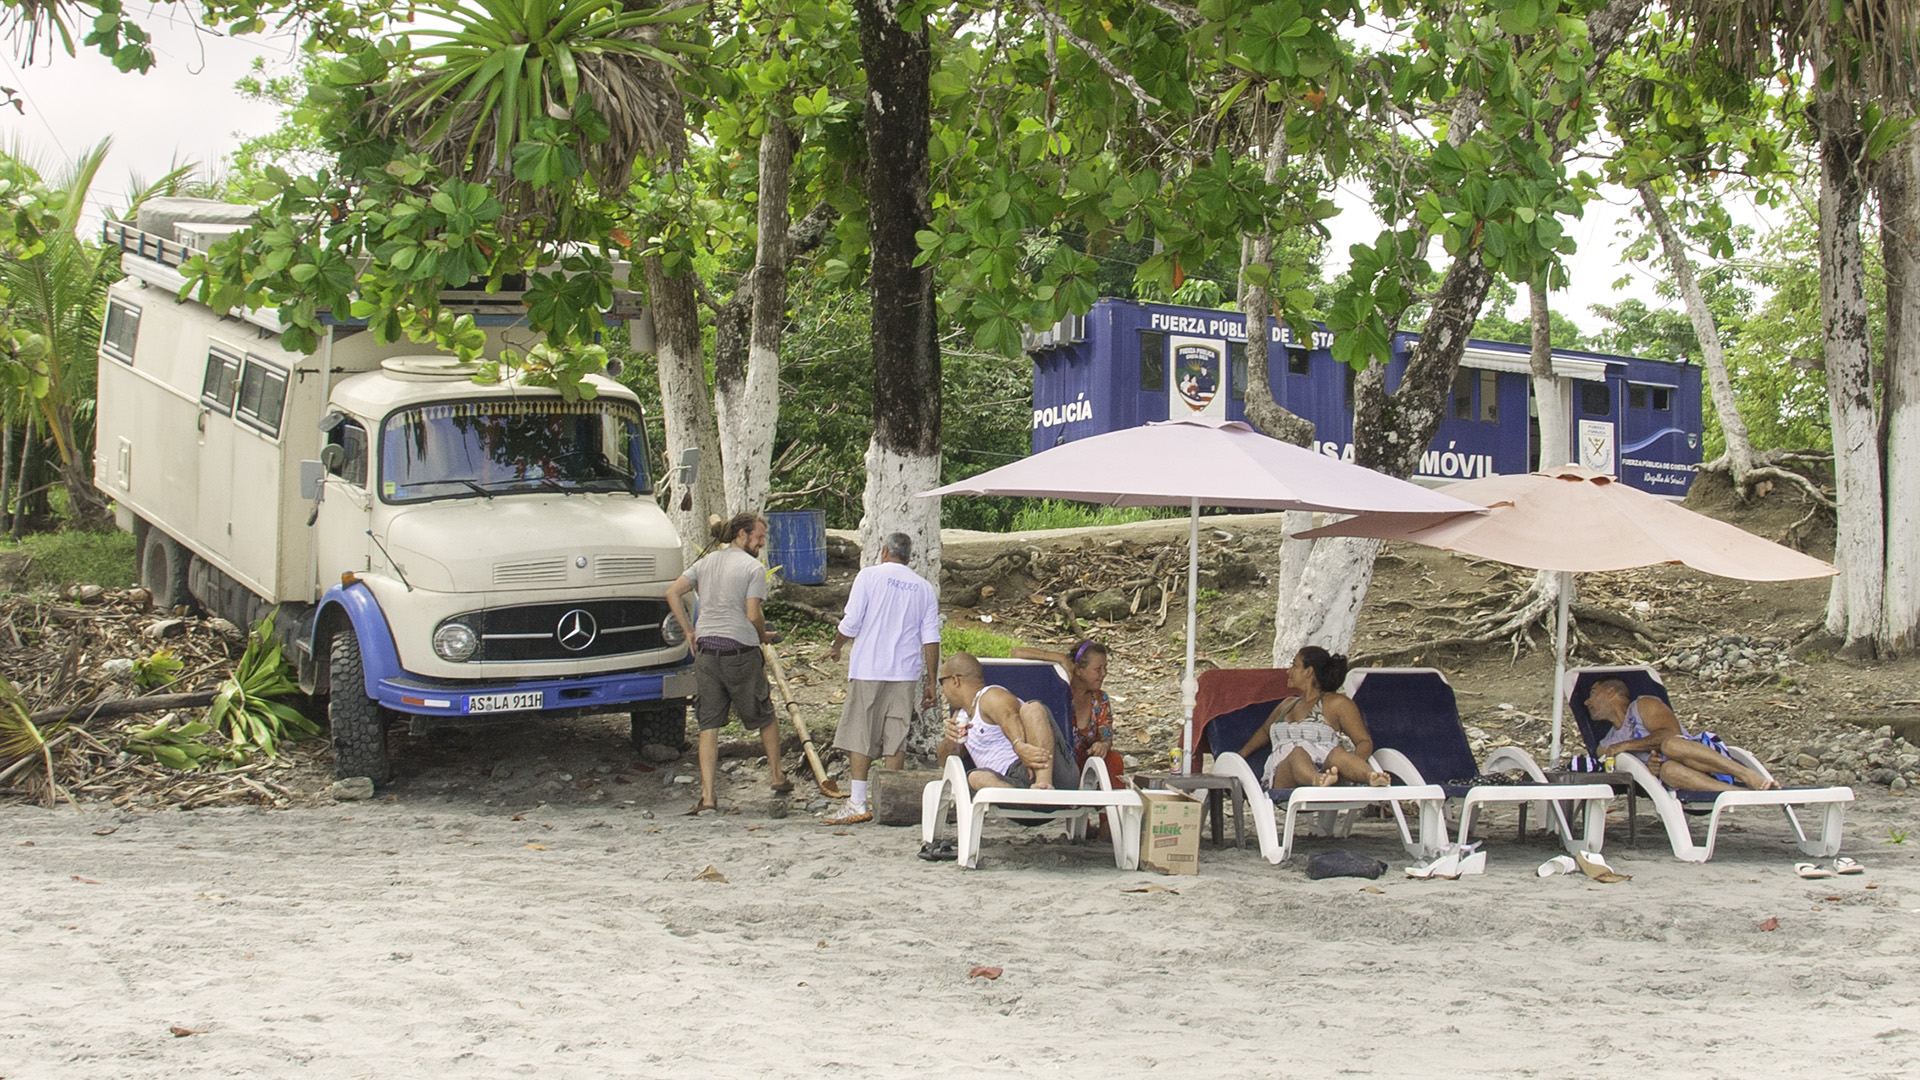 Mercedes Rundhauber in Costa Rica